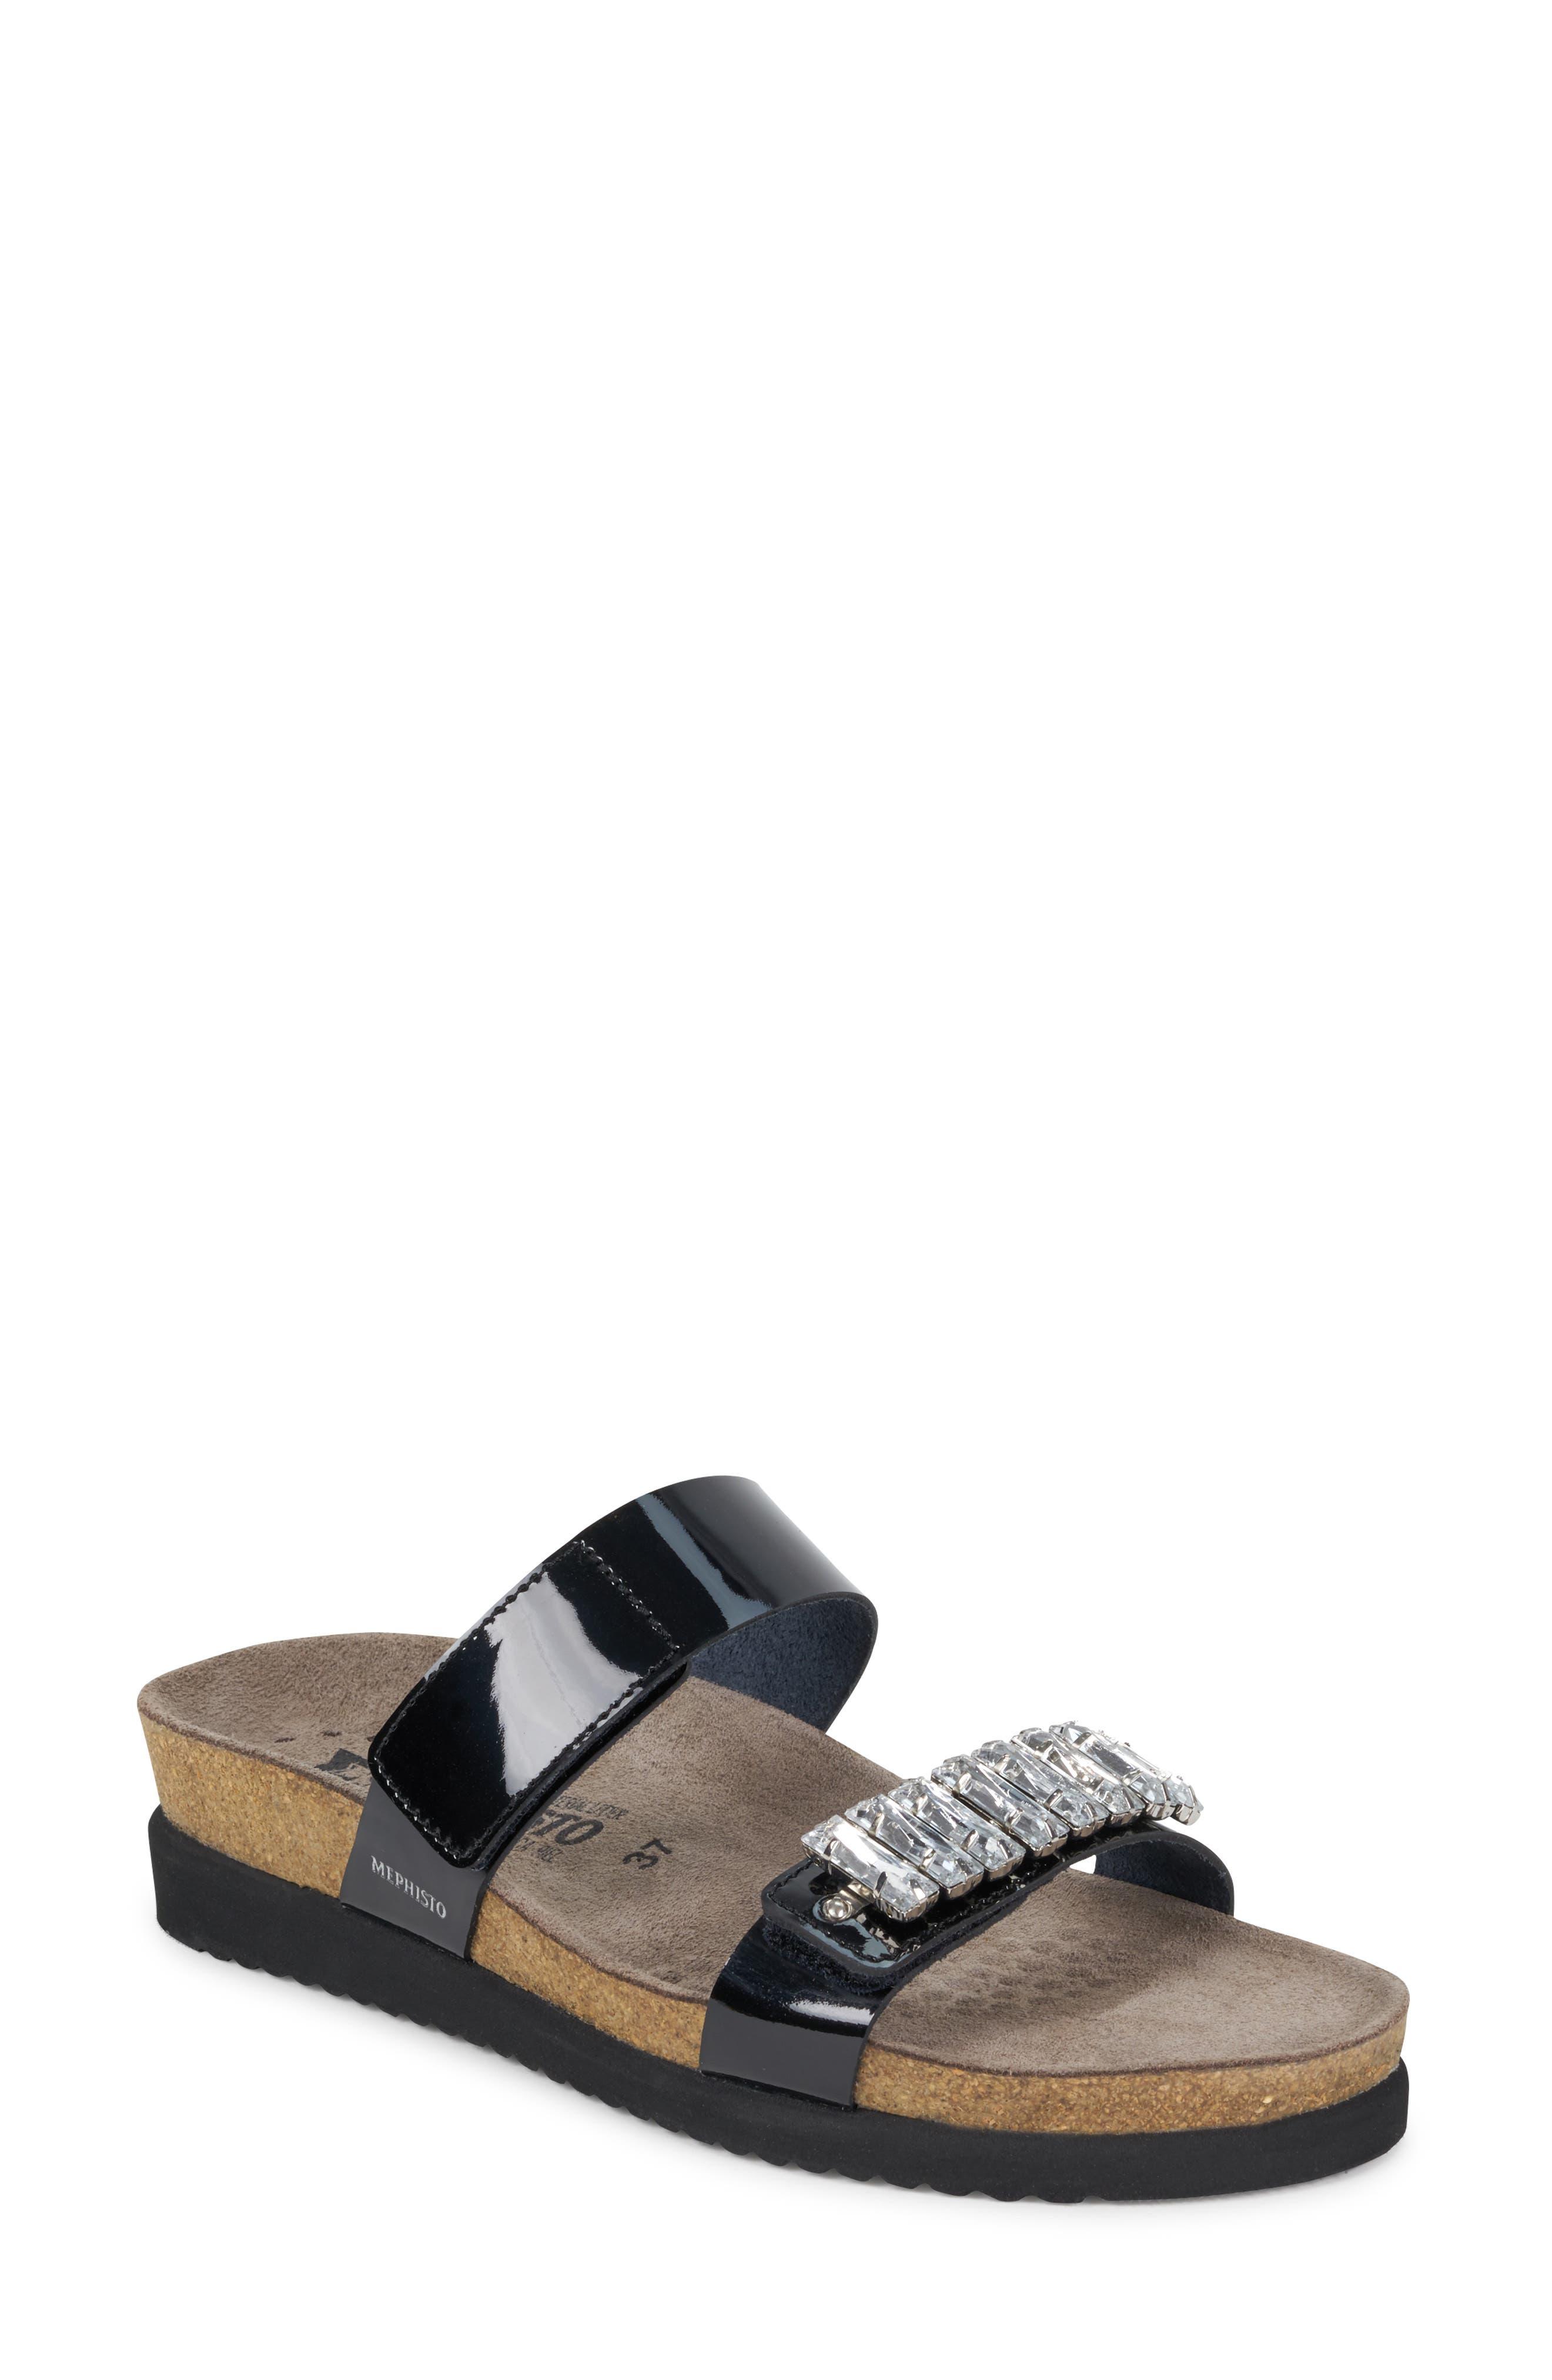 Mephisto Hakila Slide Sandal, Black